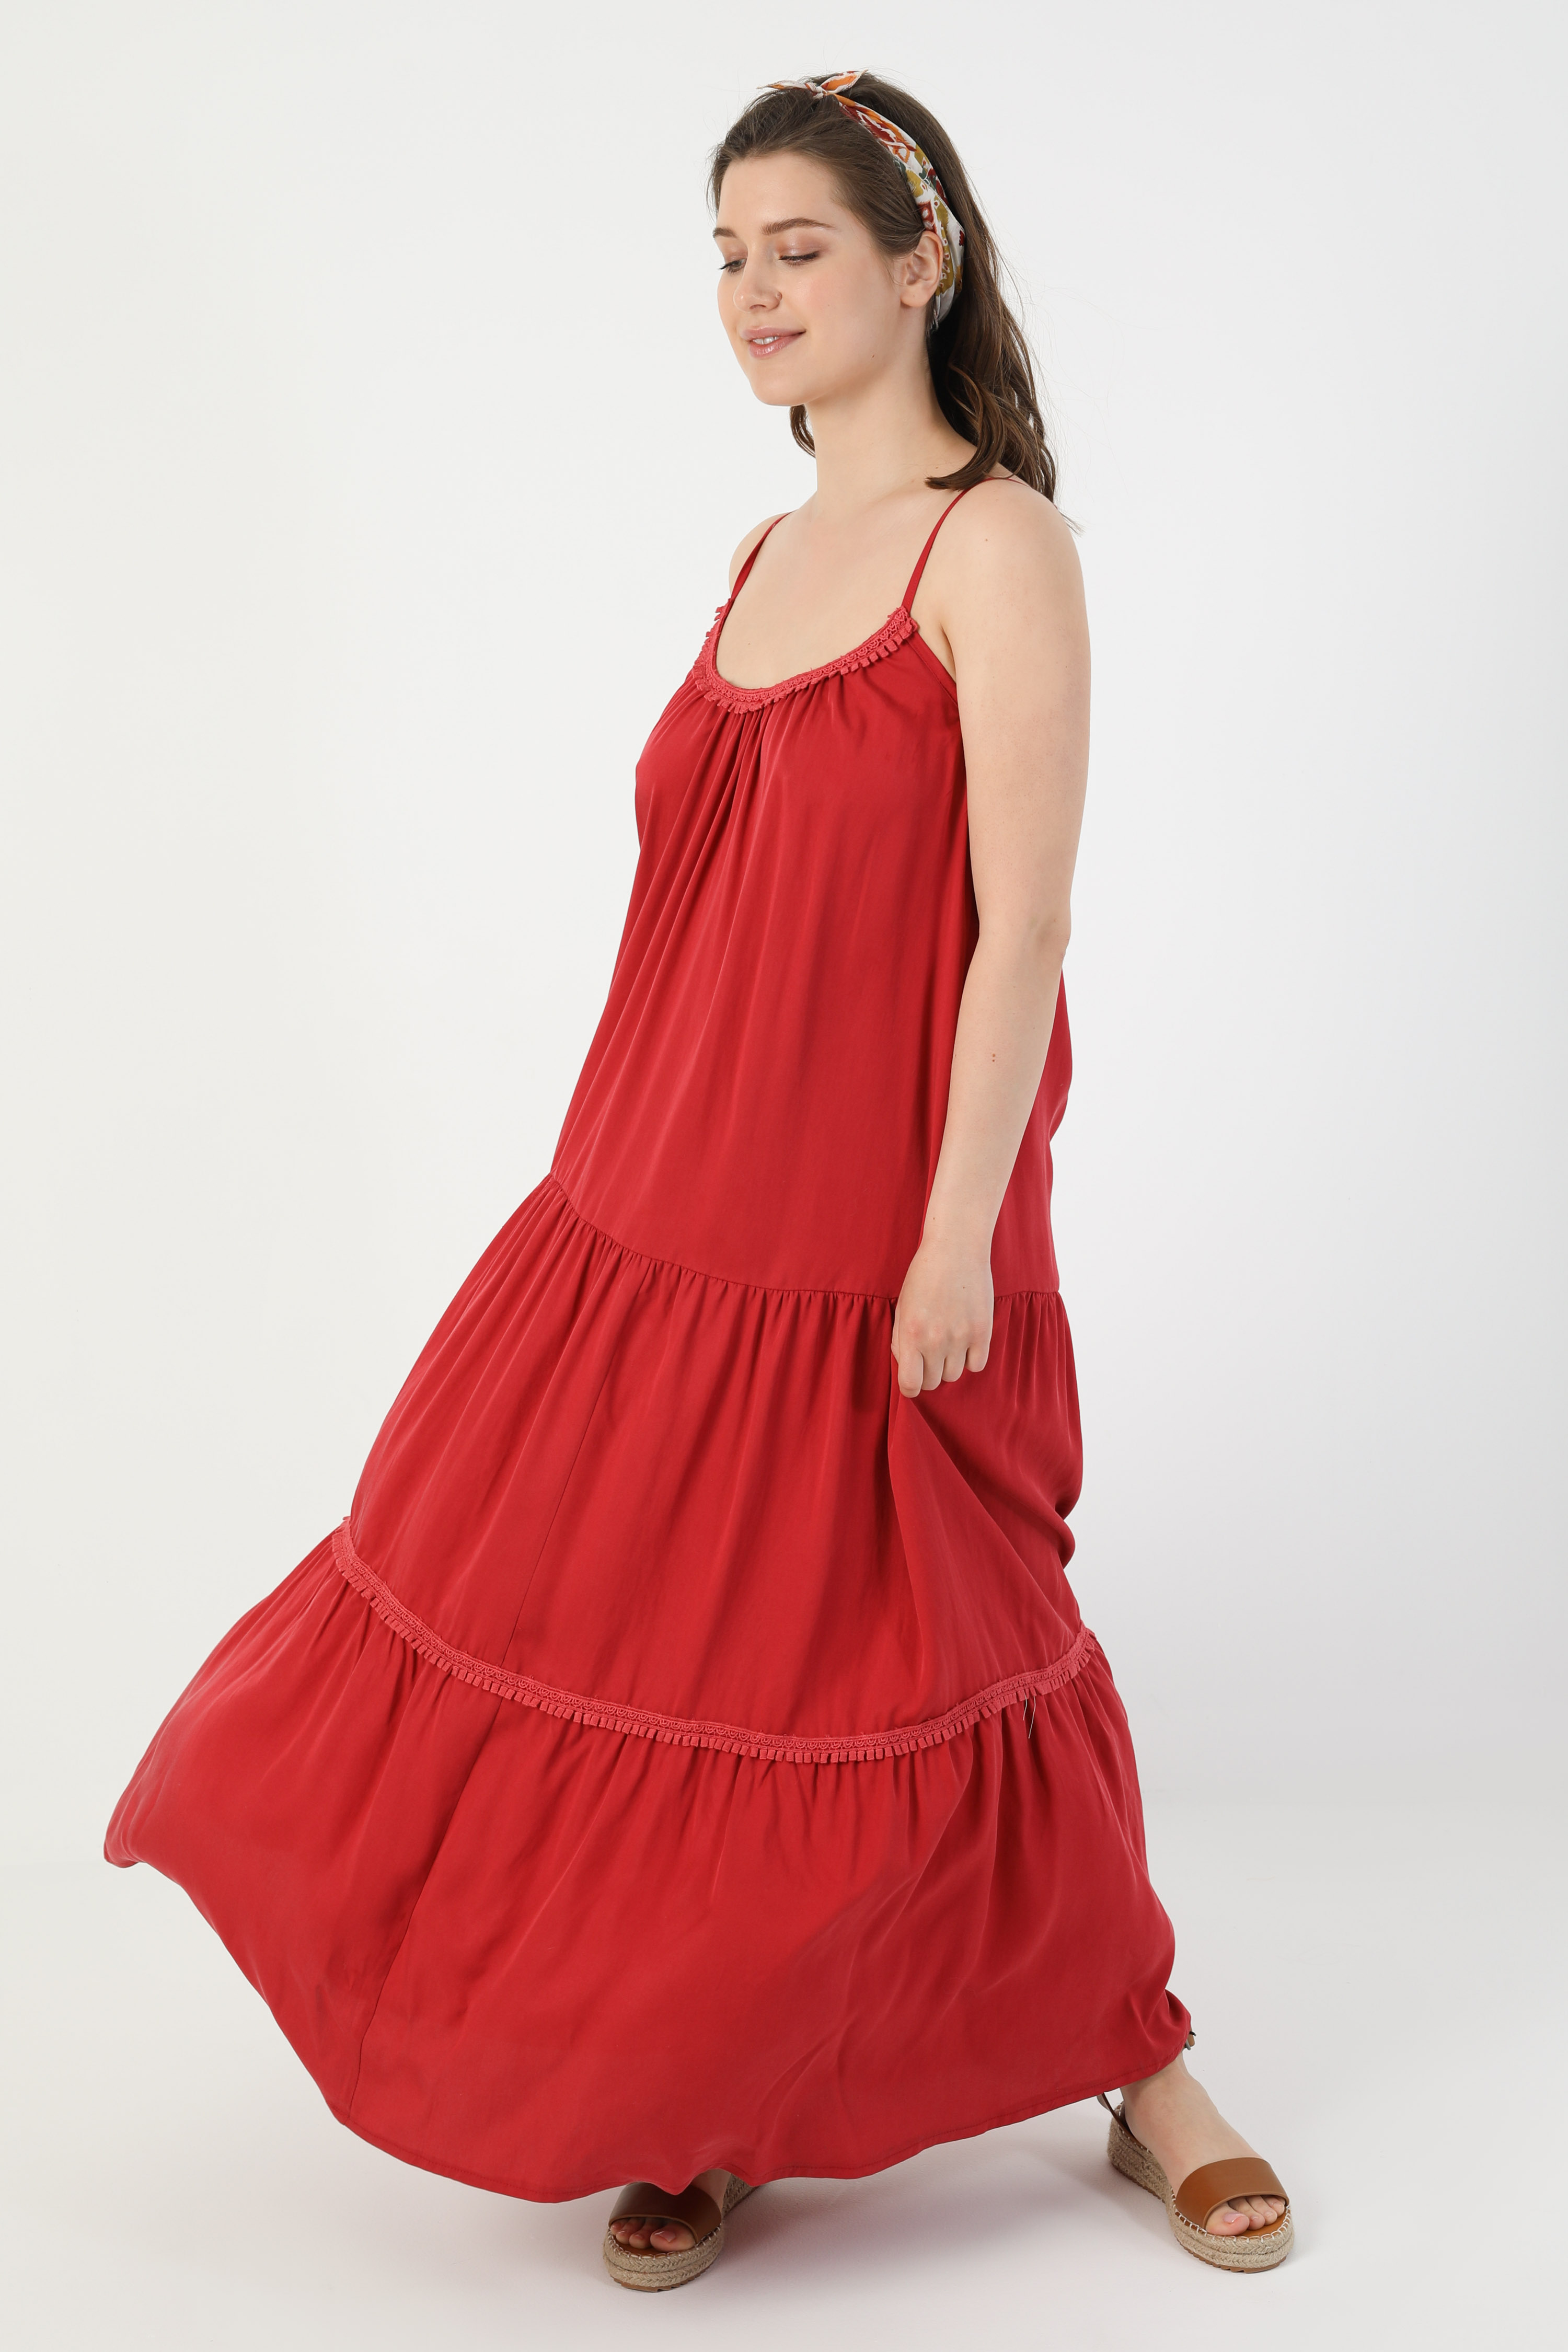 Plain dress with bohemian straps (shipping April 10/15).